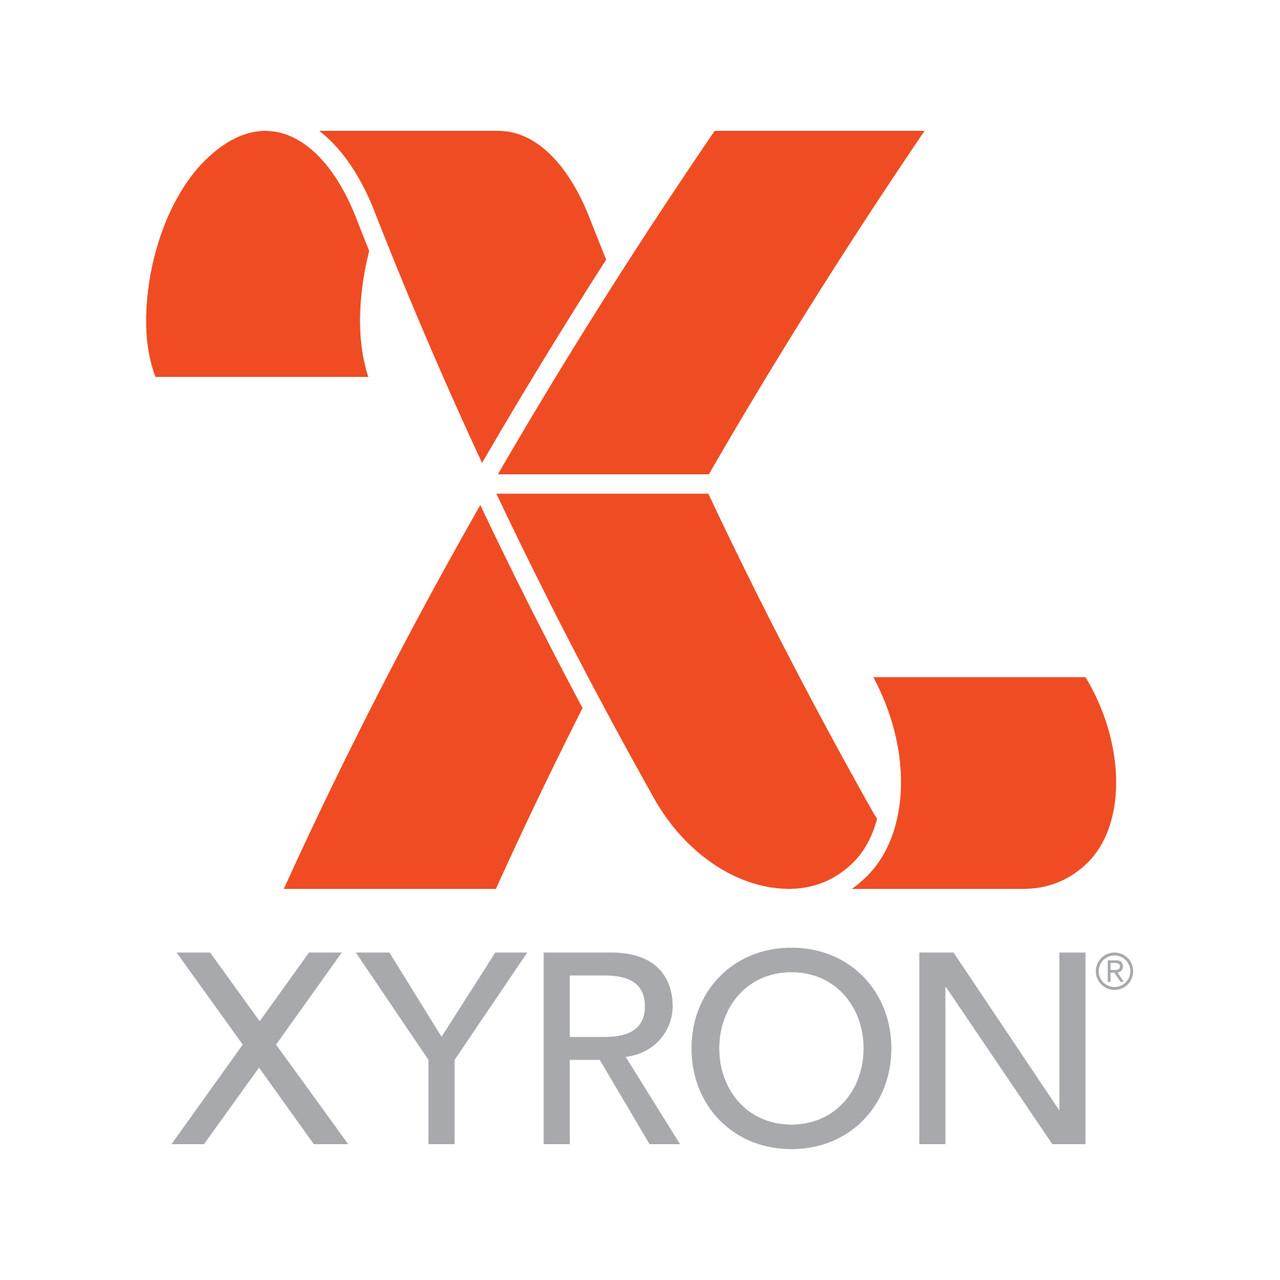 Xyron